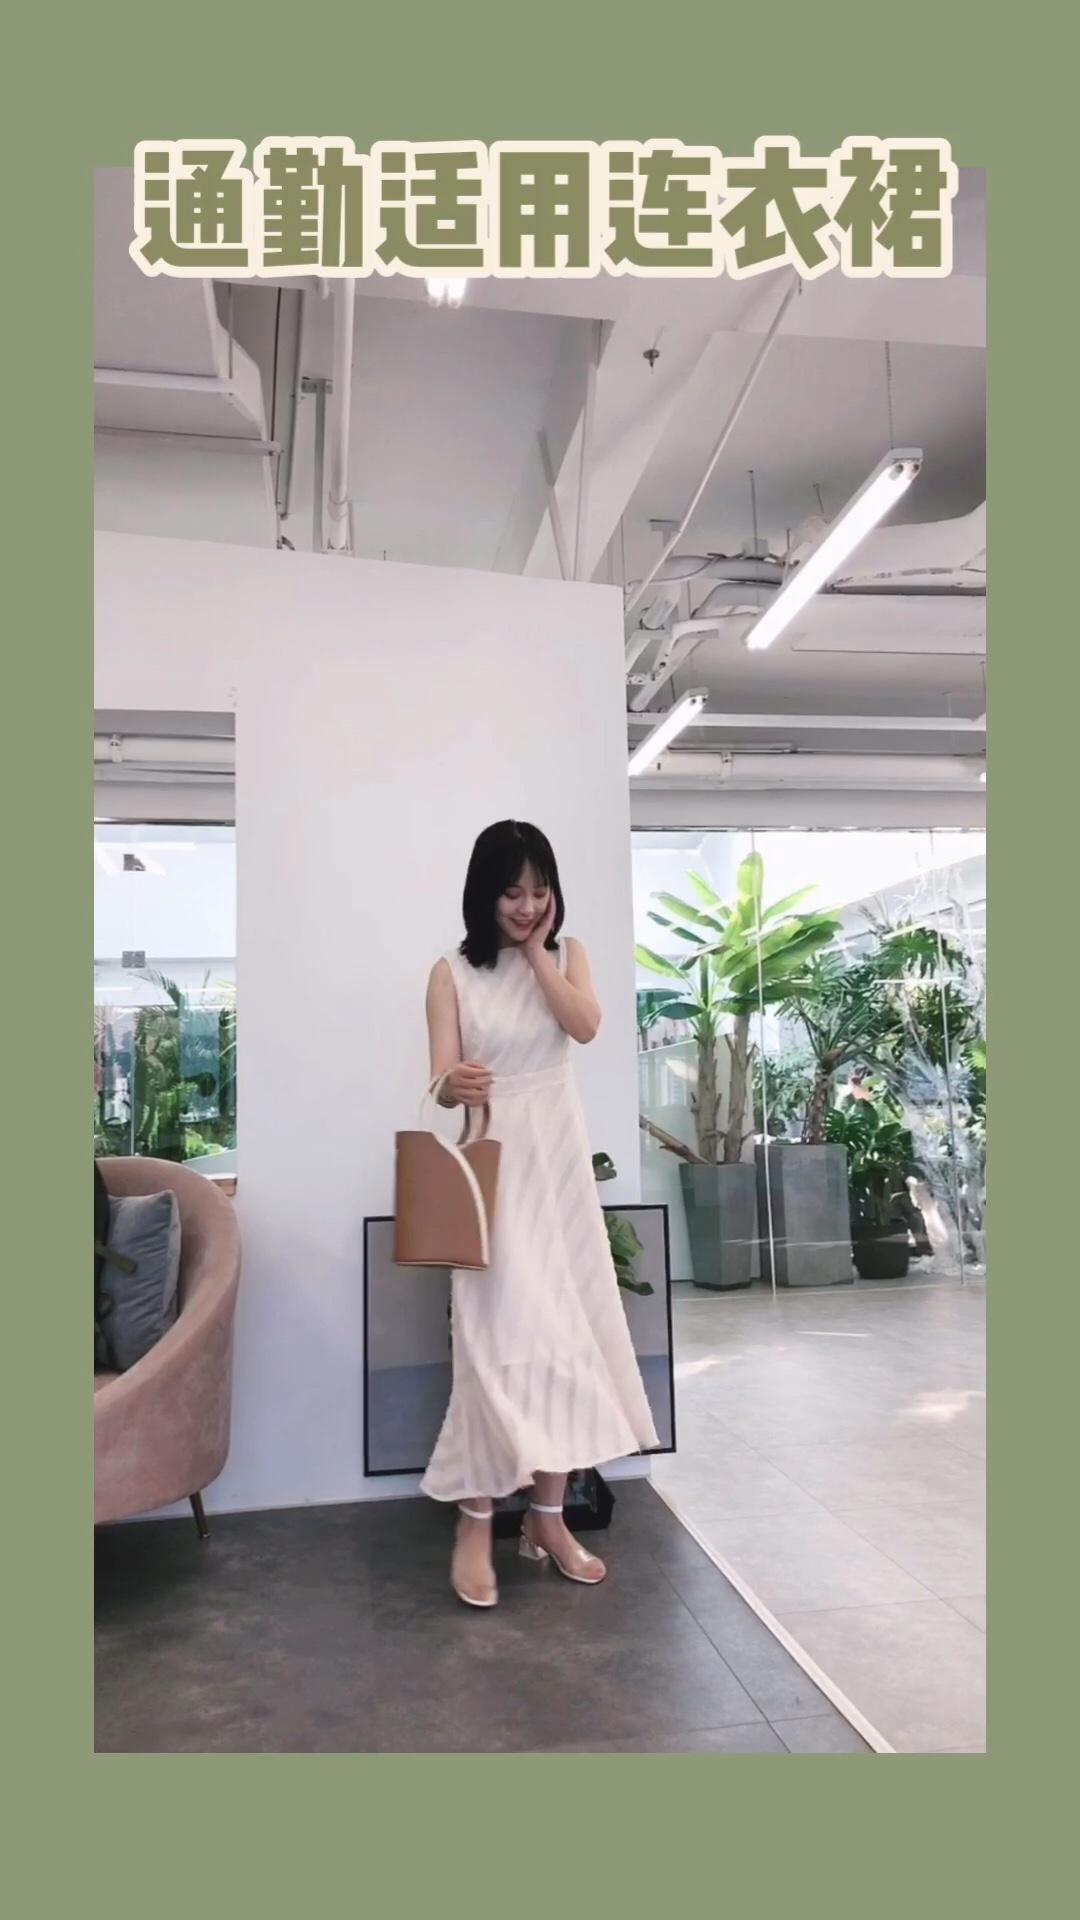 #穿上被猛夸?这裙子可以!# 裙子:宿本 包包:unitude 这条裙子也是雪纺面料哒 夏天穿很凉快 它比较偏向气质款 没有过多累赘的设计 简单素净却非常有质感 搭配一个大气的手提包就非常有质感啦